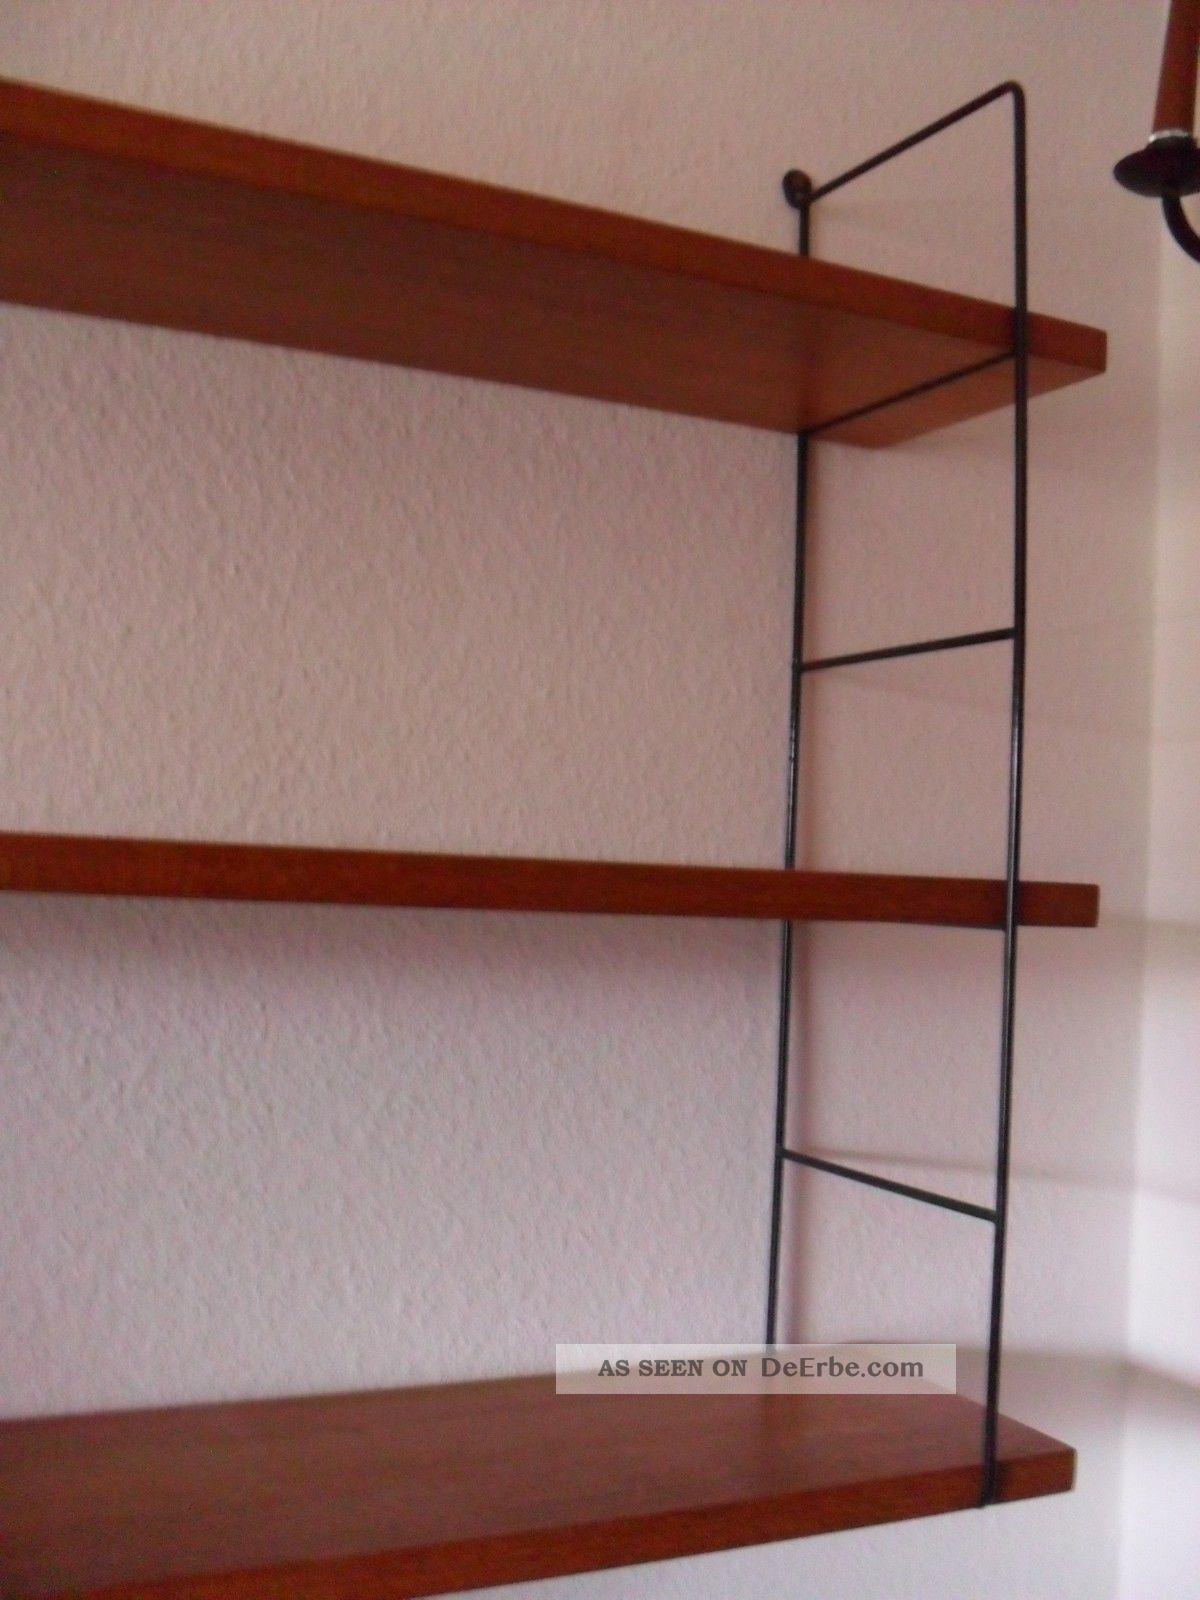 string nisse teak 60s 60er regal system bookshelf system mid century 3. Black Bedroom Furniture Sets. Home Design Ideas